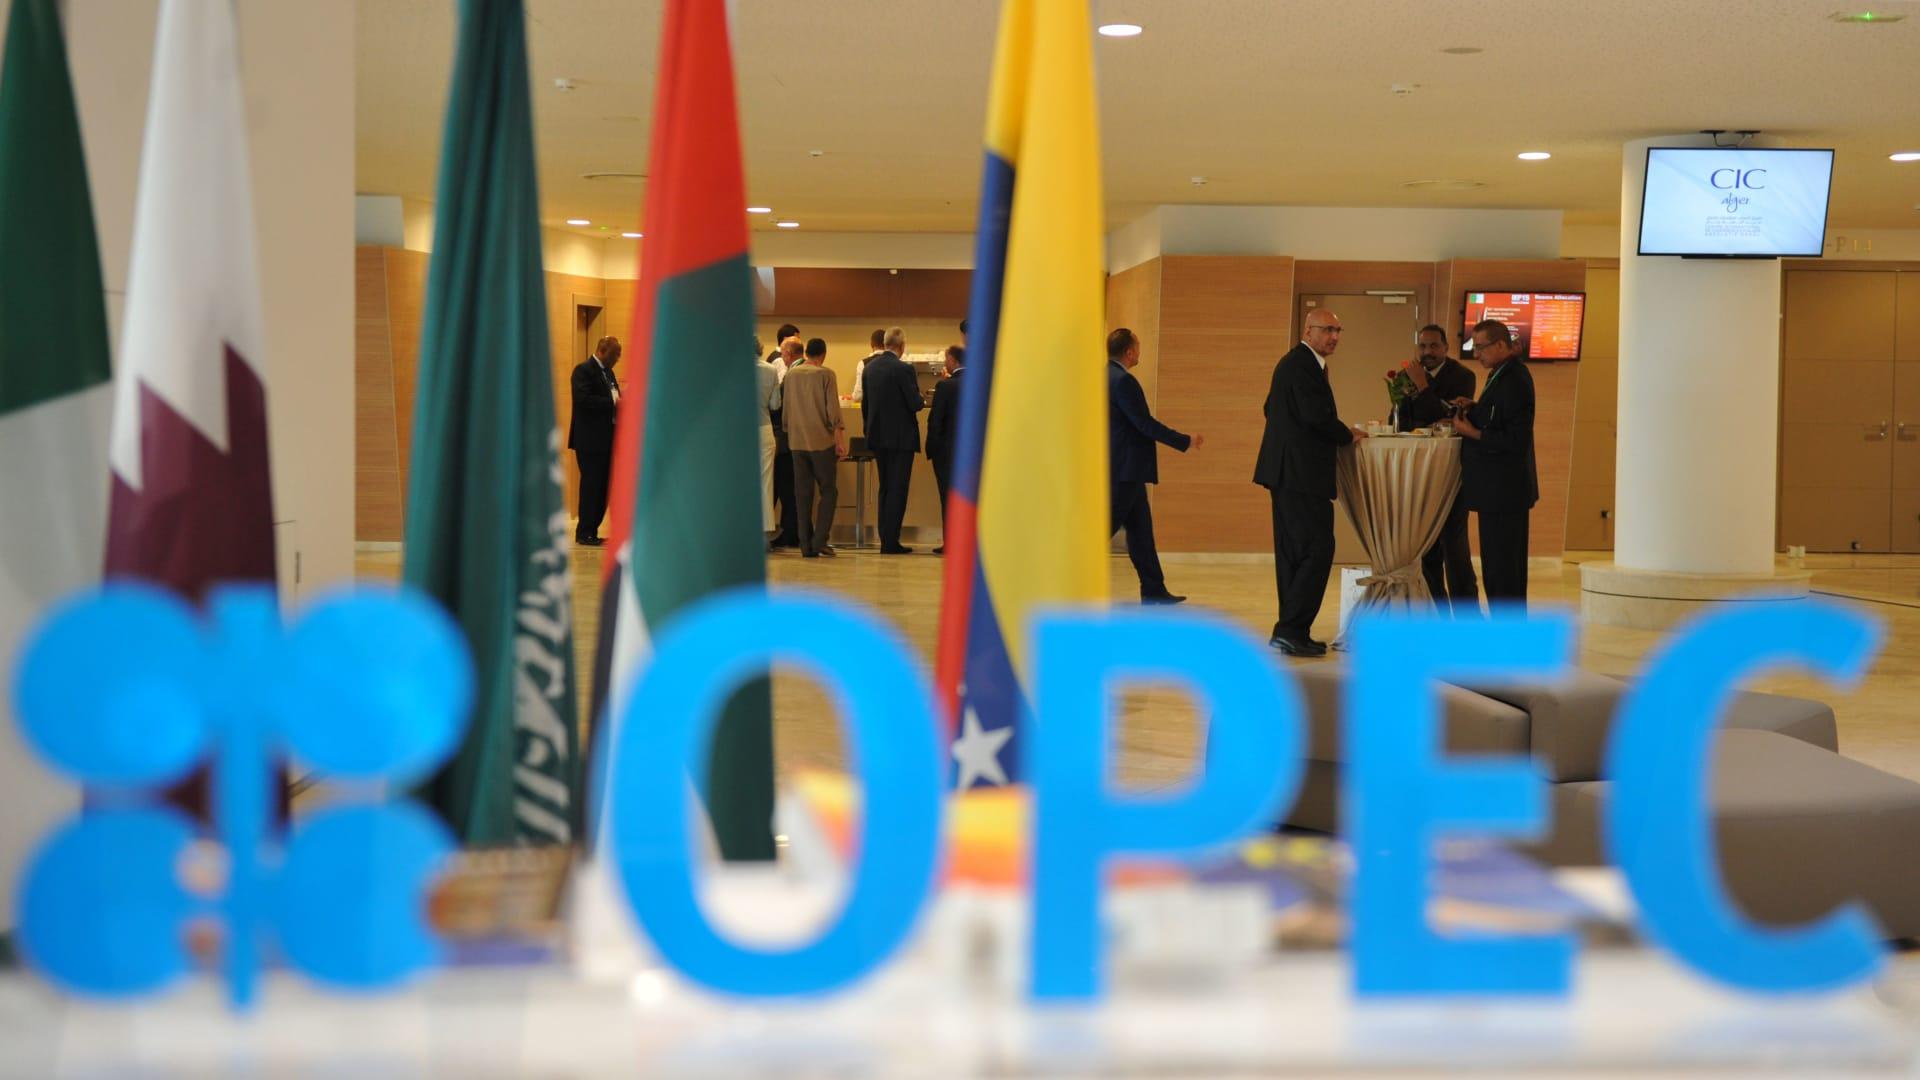 أوبك بلس توافق على زيادة إنتاج النفط تدريجياً ابتداء من أغسطس